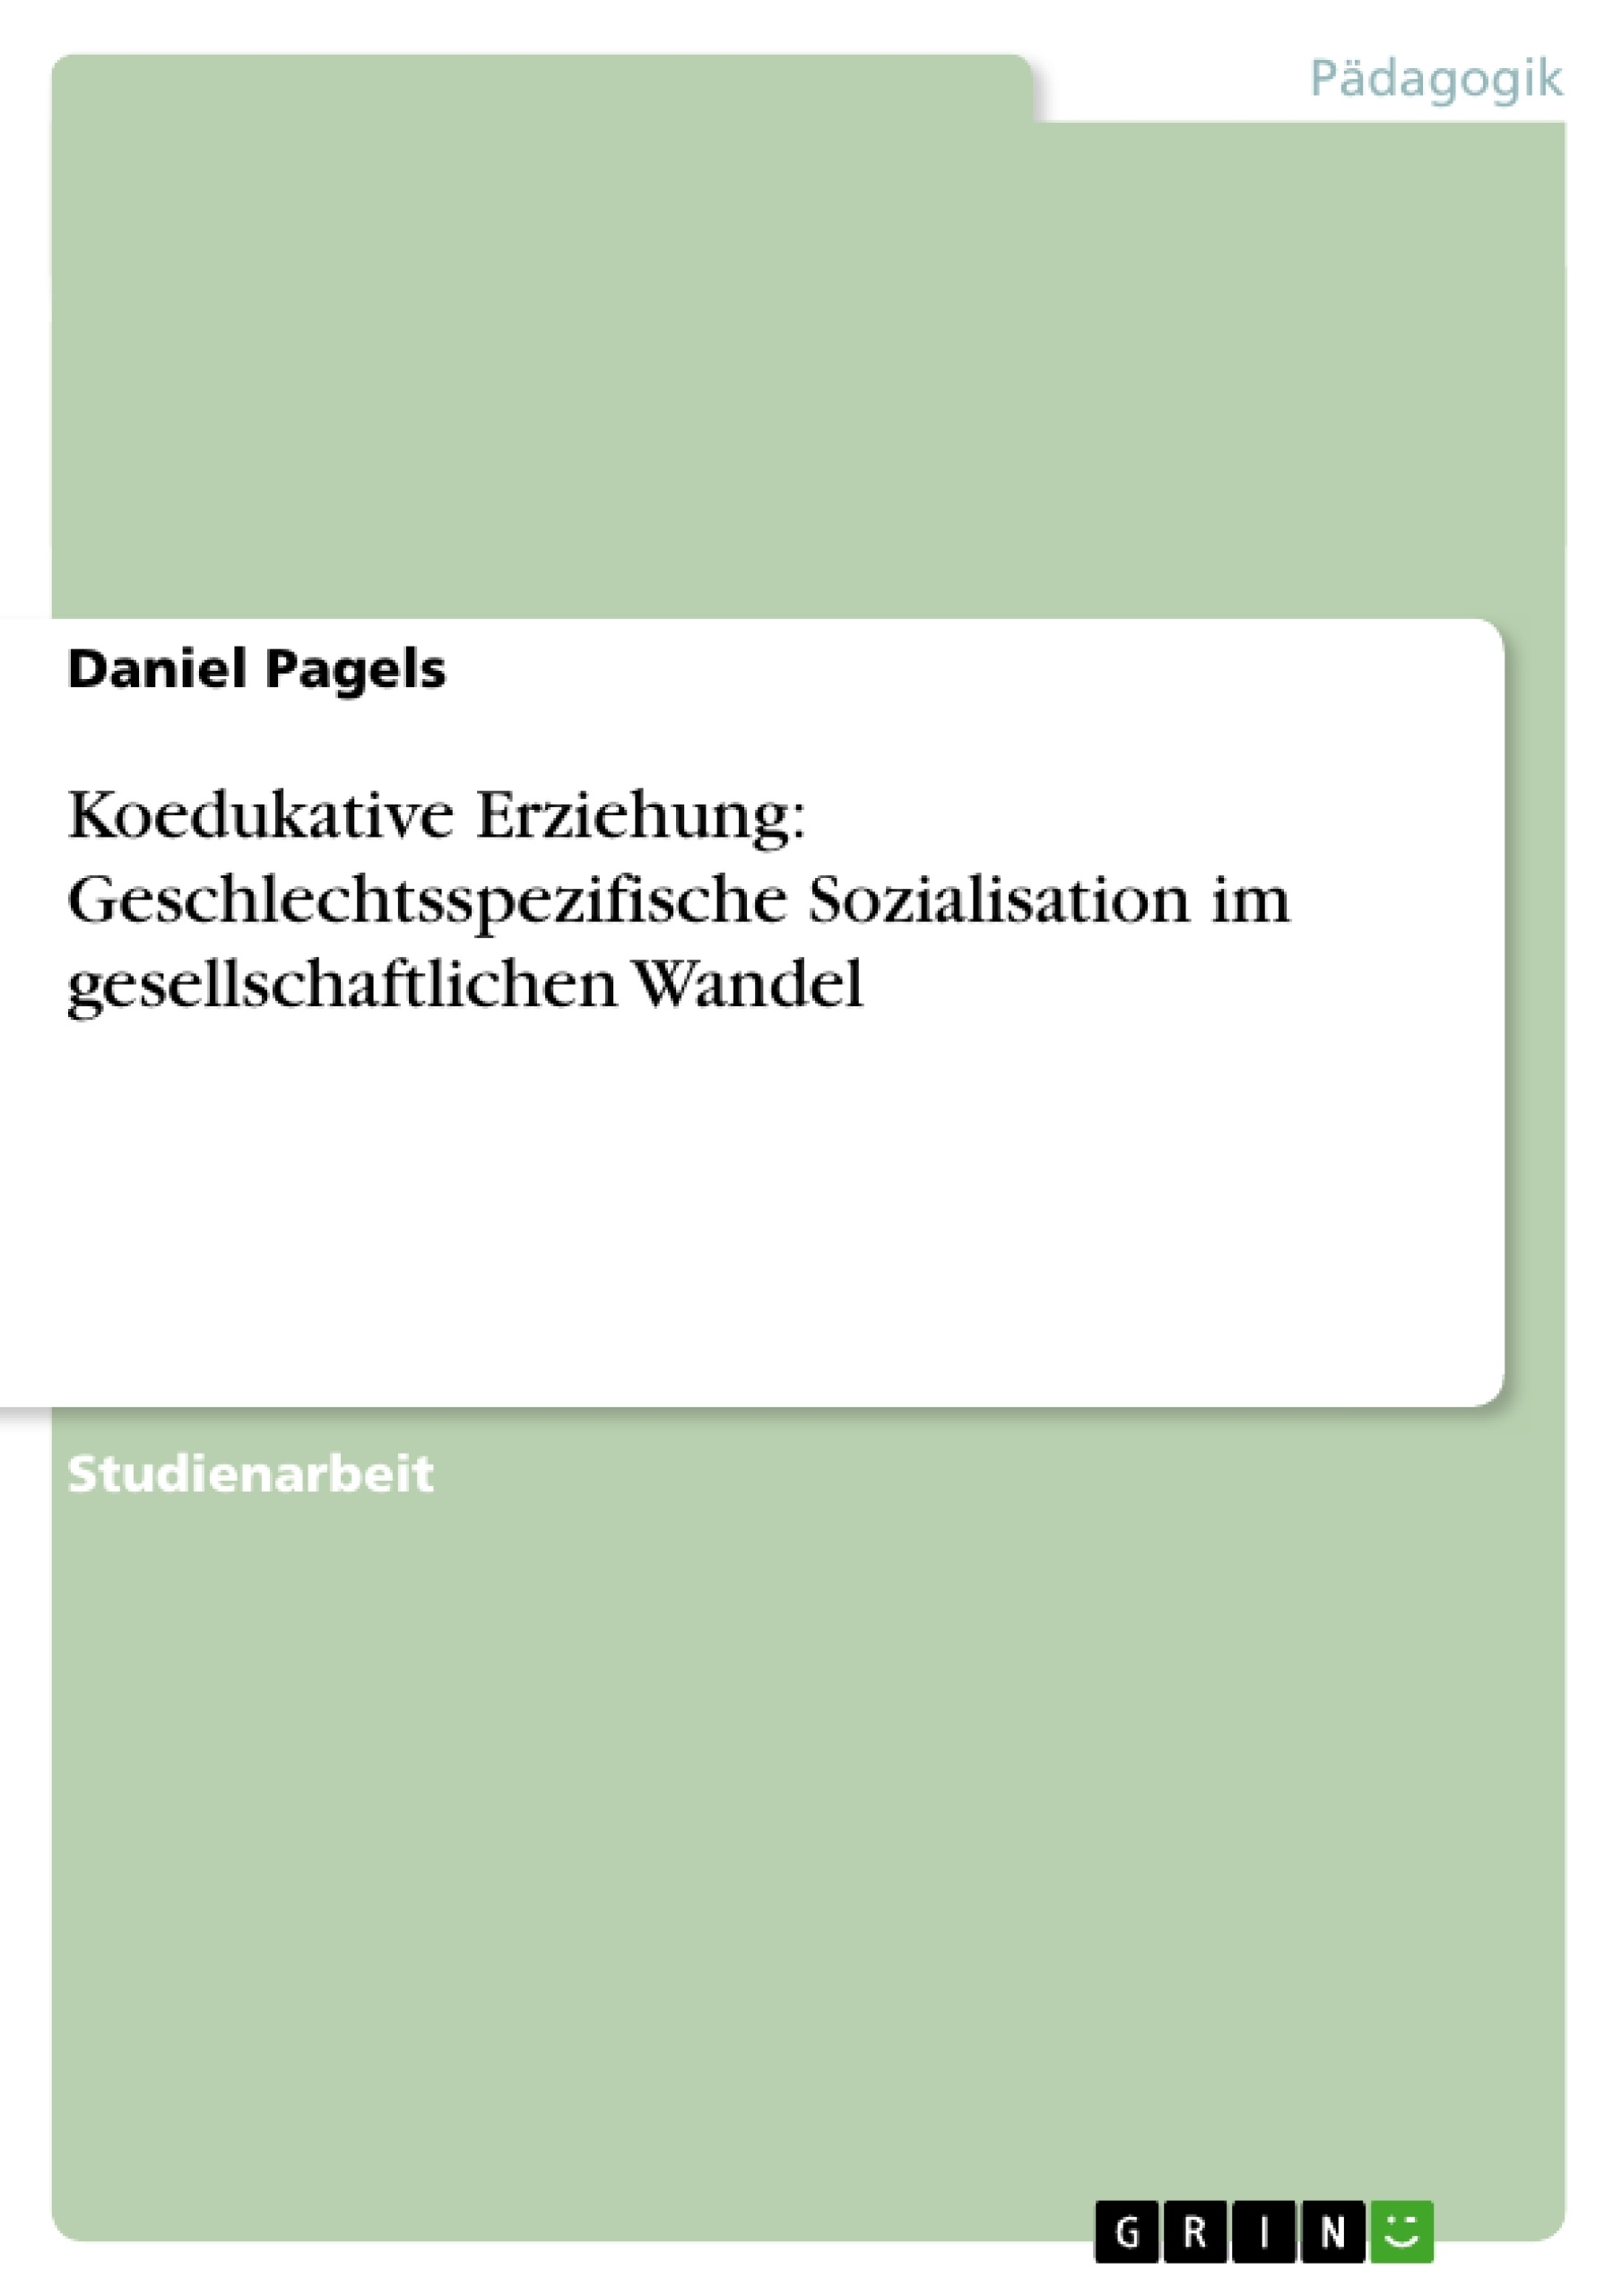 Titel: Koedukative Erziehung: Geschlechtsspezifische Sozialisation im gesellschaftlichen Wandel